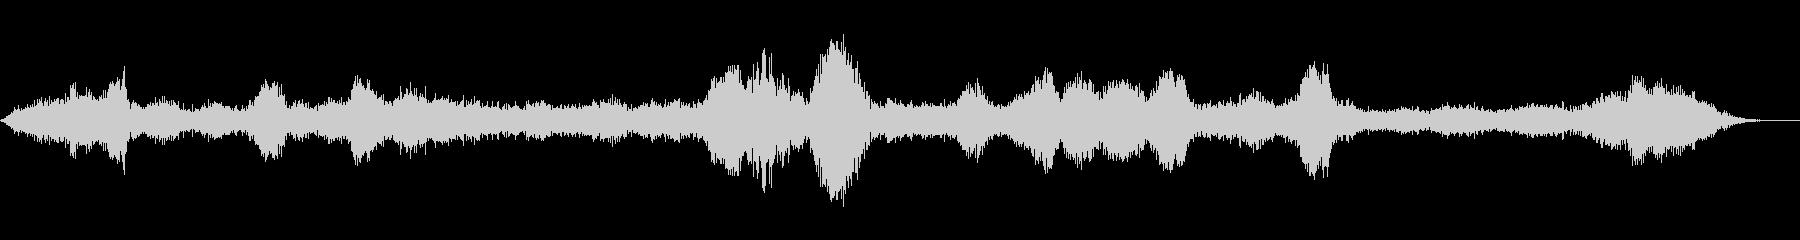 ディスタントレルムの未再生の波形